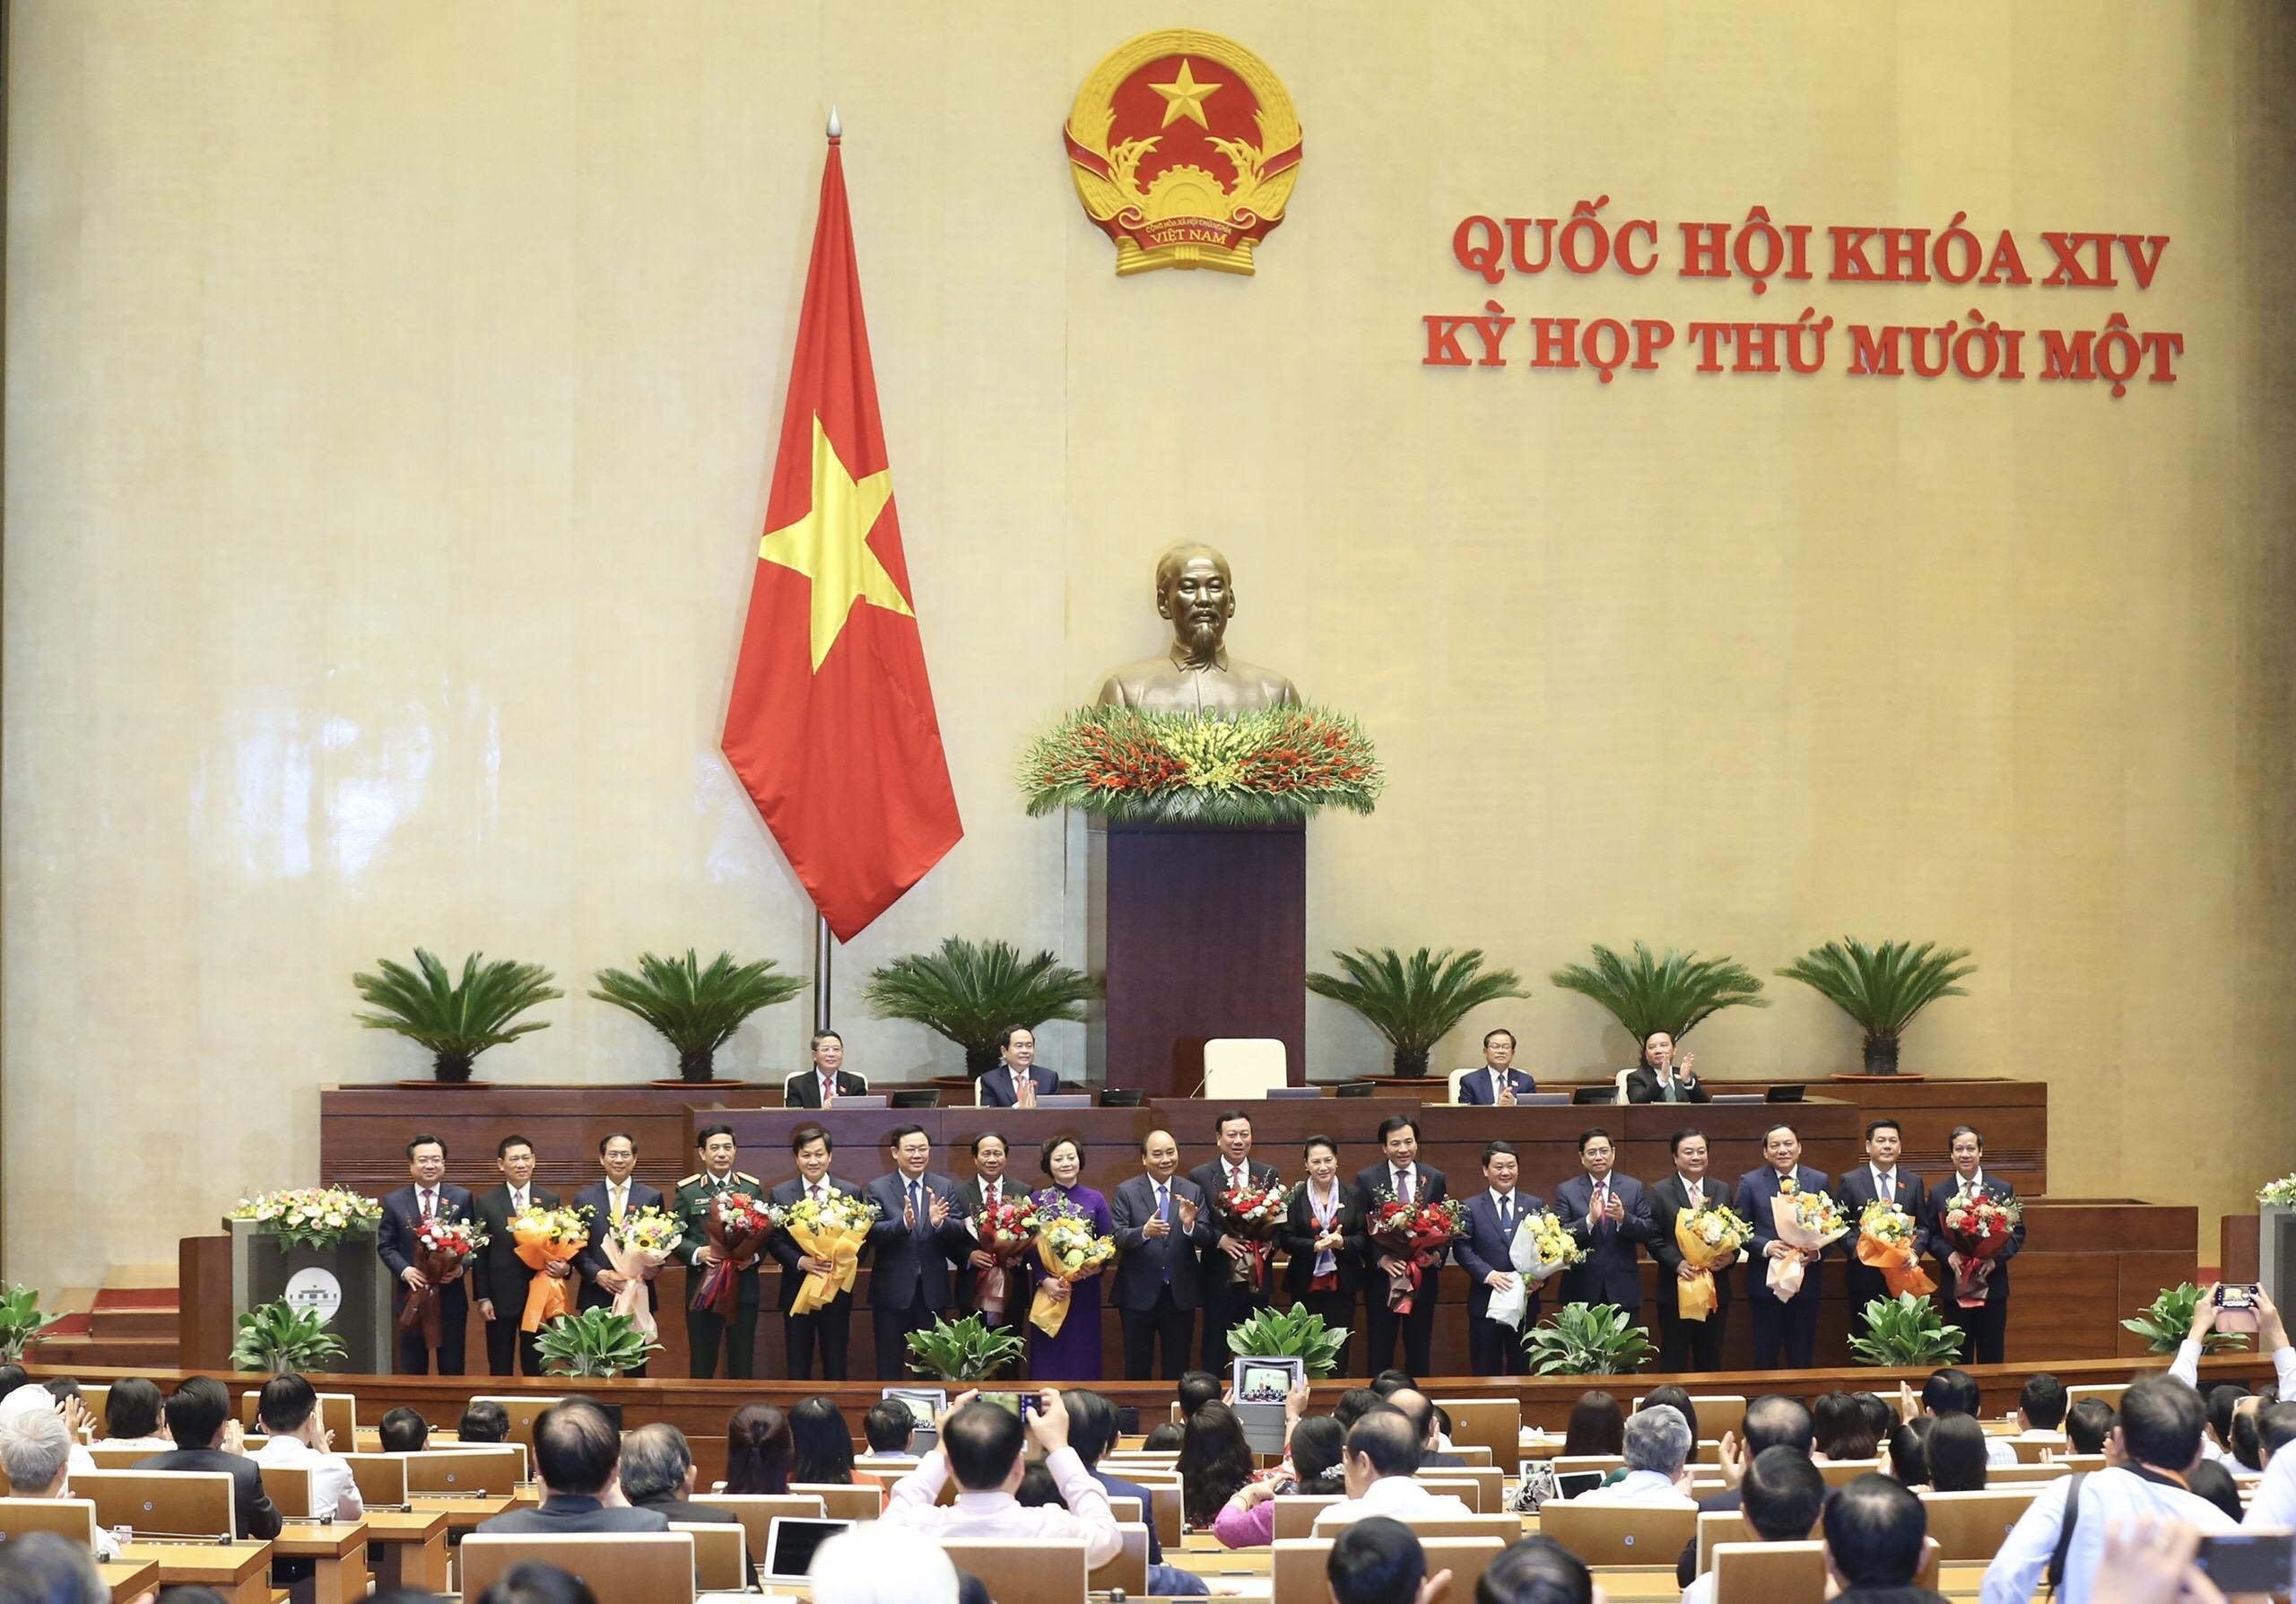 Chủ tịch nước Nguyễn Xuân Phúc, Thủ tướng Phạm Minh Chính, Chủ tịch Quốc hội Vương Đình Huệ chúc mừng các đồng chí vừa được Quốc hội phê chuẩn bổ nhiệm.